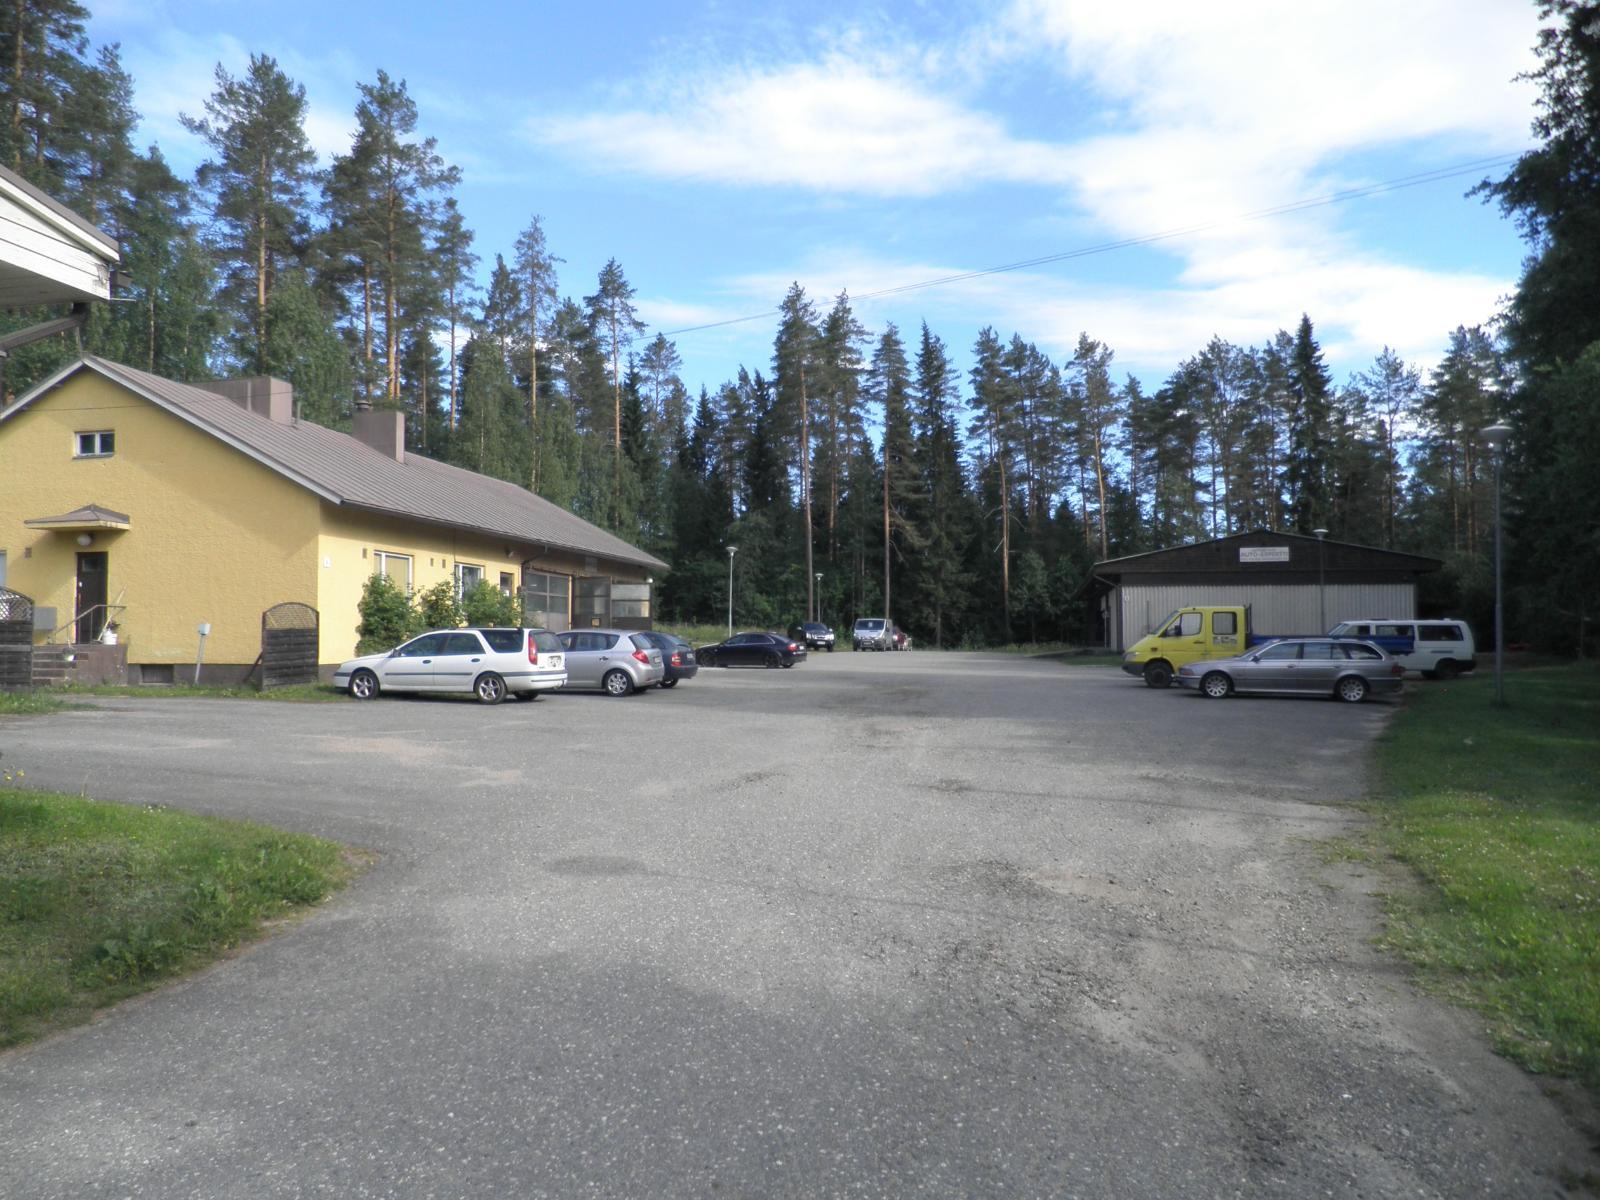 Toimitila, Haavikontie 33, Haavikonmäki, Polvijärvi